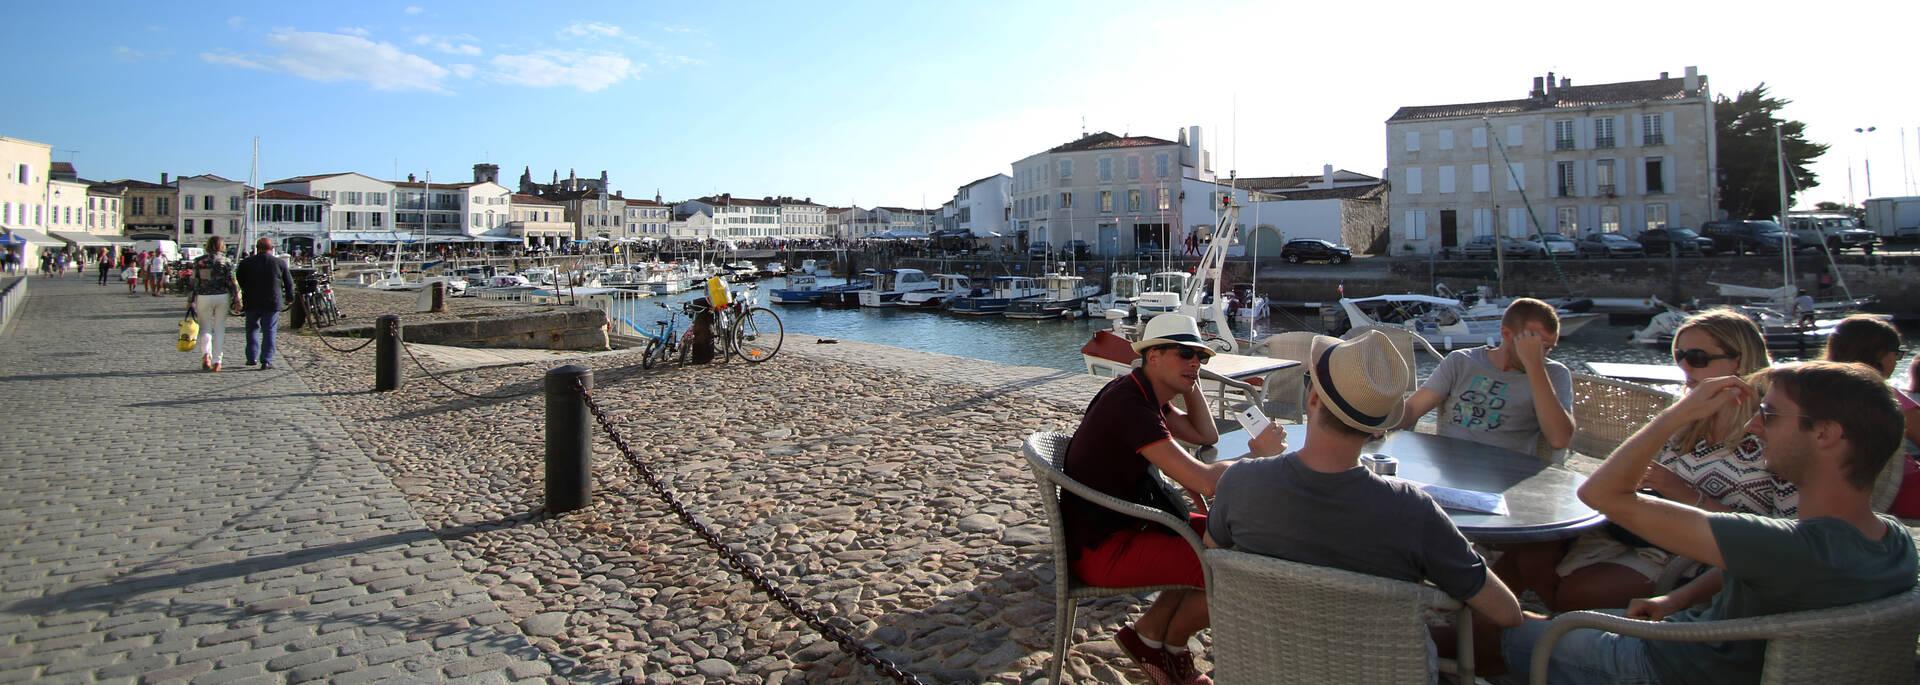 Douceur de vivre du port de Saint Martin - ©PW Photographie / FDHPA17